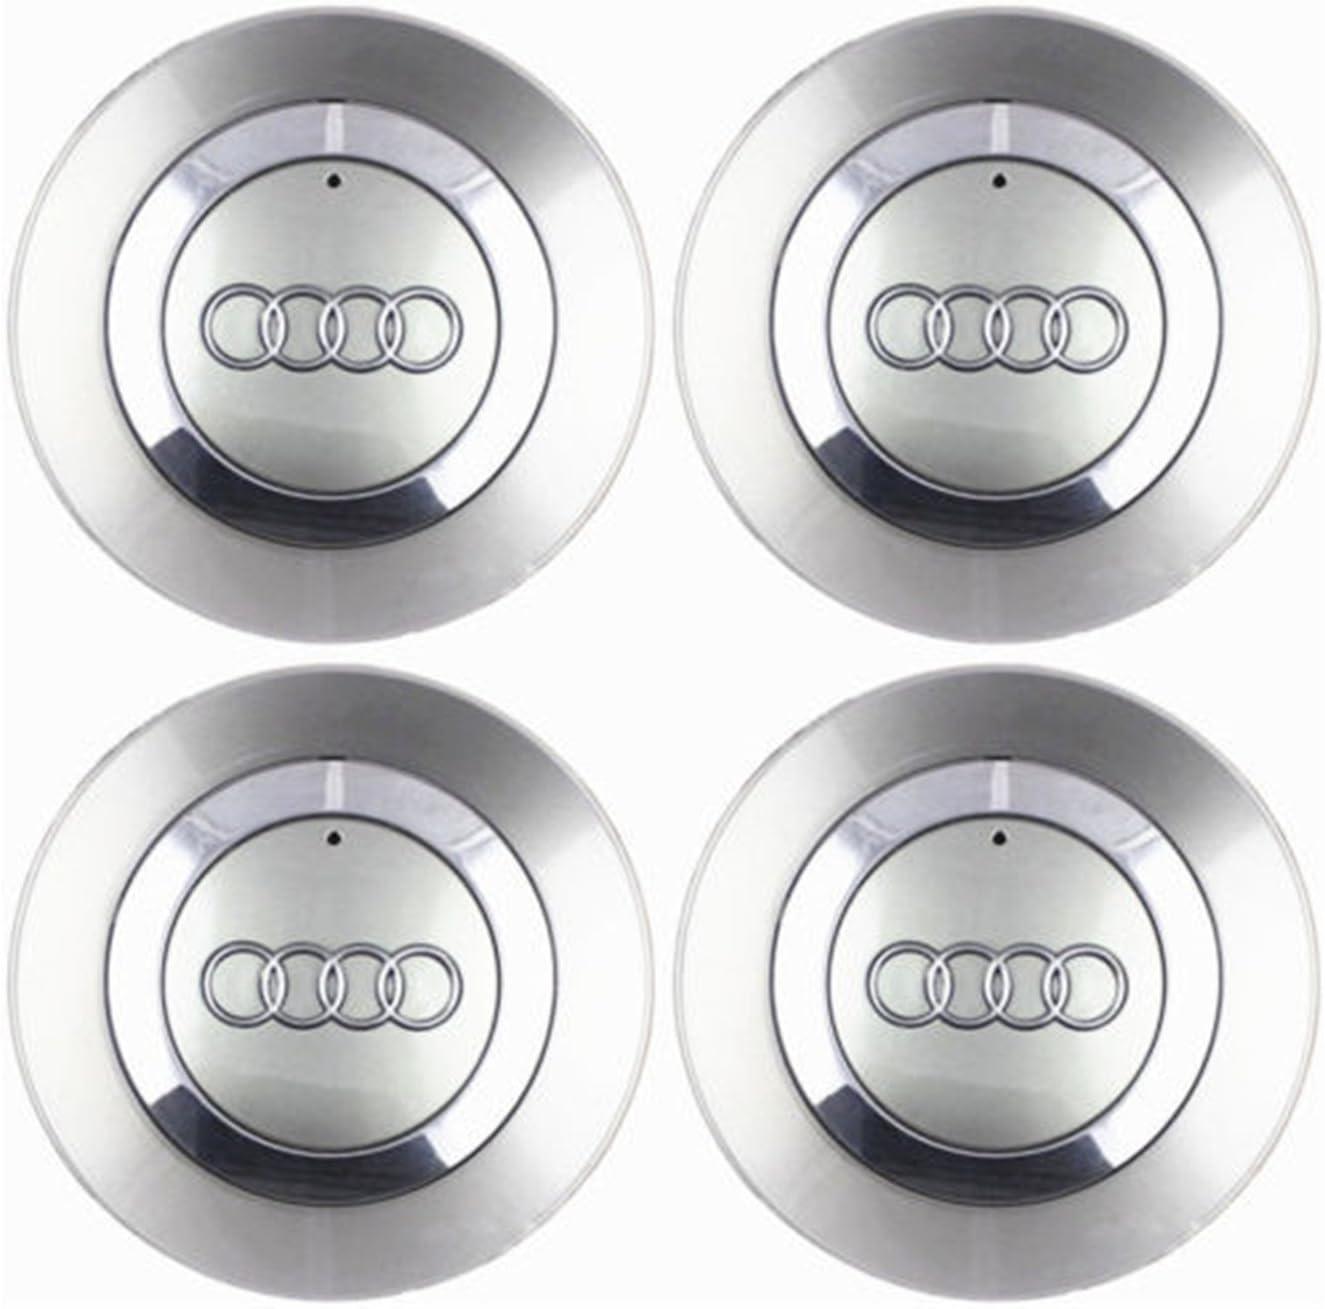 2001-2004 Juego de 4 tapas centrales con nuevo logotipo para tapacubos de rueda con llanta de aleaci/ón de 16 pulgadas 8E0601165